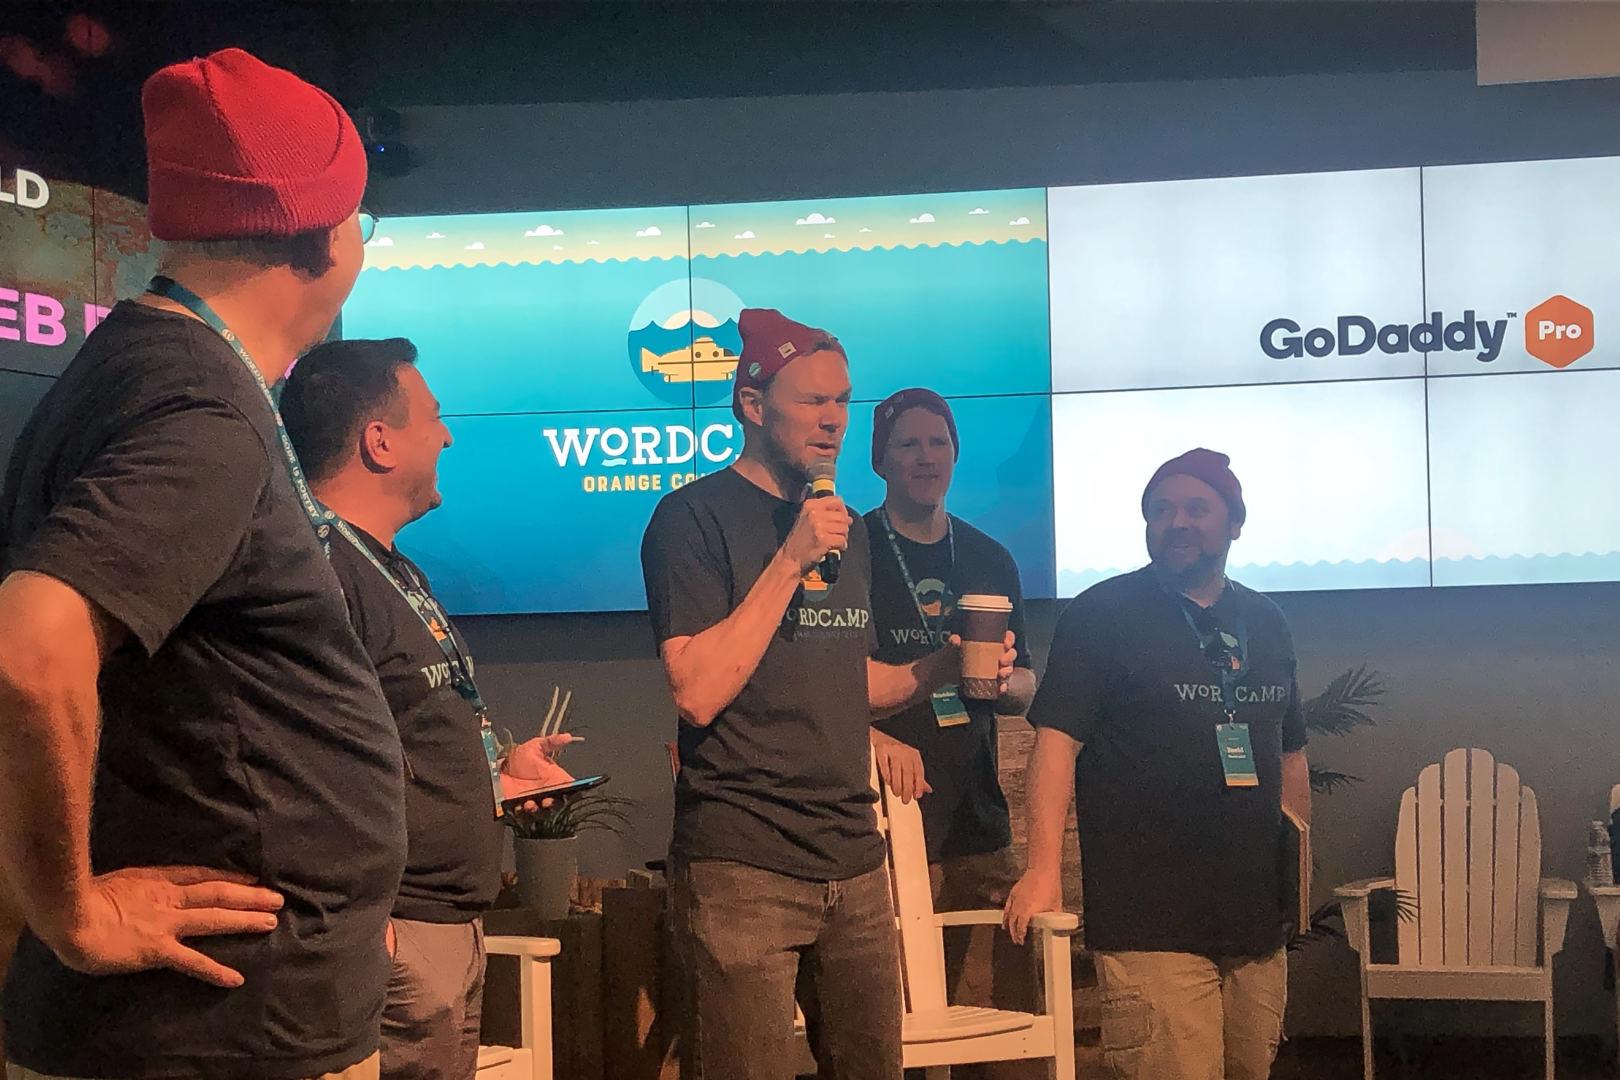 WordCamp Orange County, WordCamp OC, WCOC, WordPress